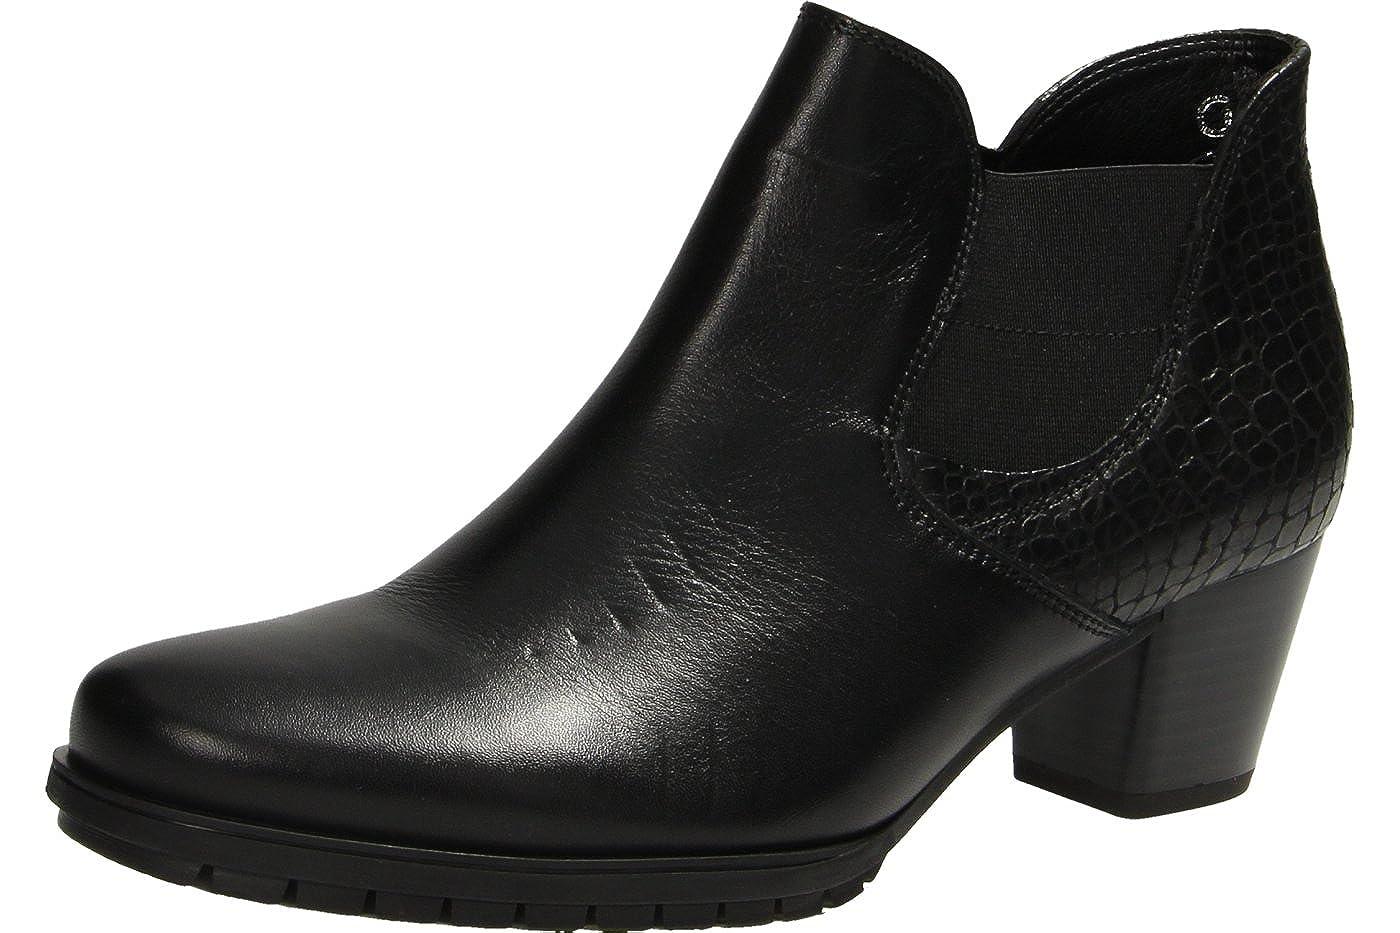 Gabor Comfort Damen Stiefeletten 56.600.37 schwarz schwarz schwarz 155430 2d0976